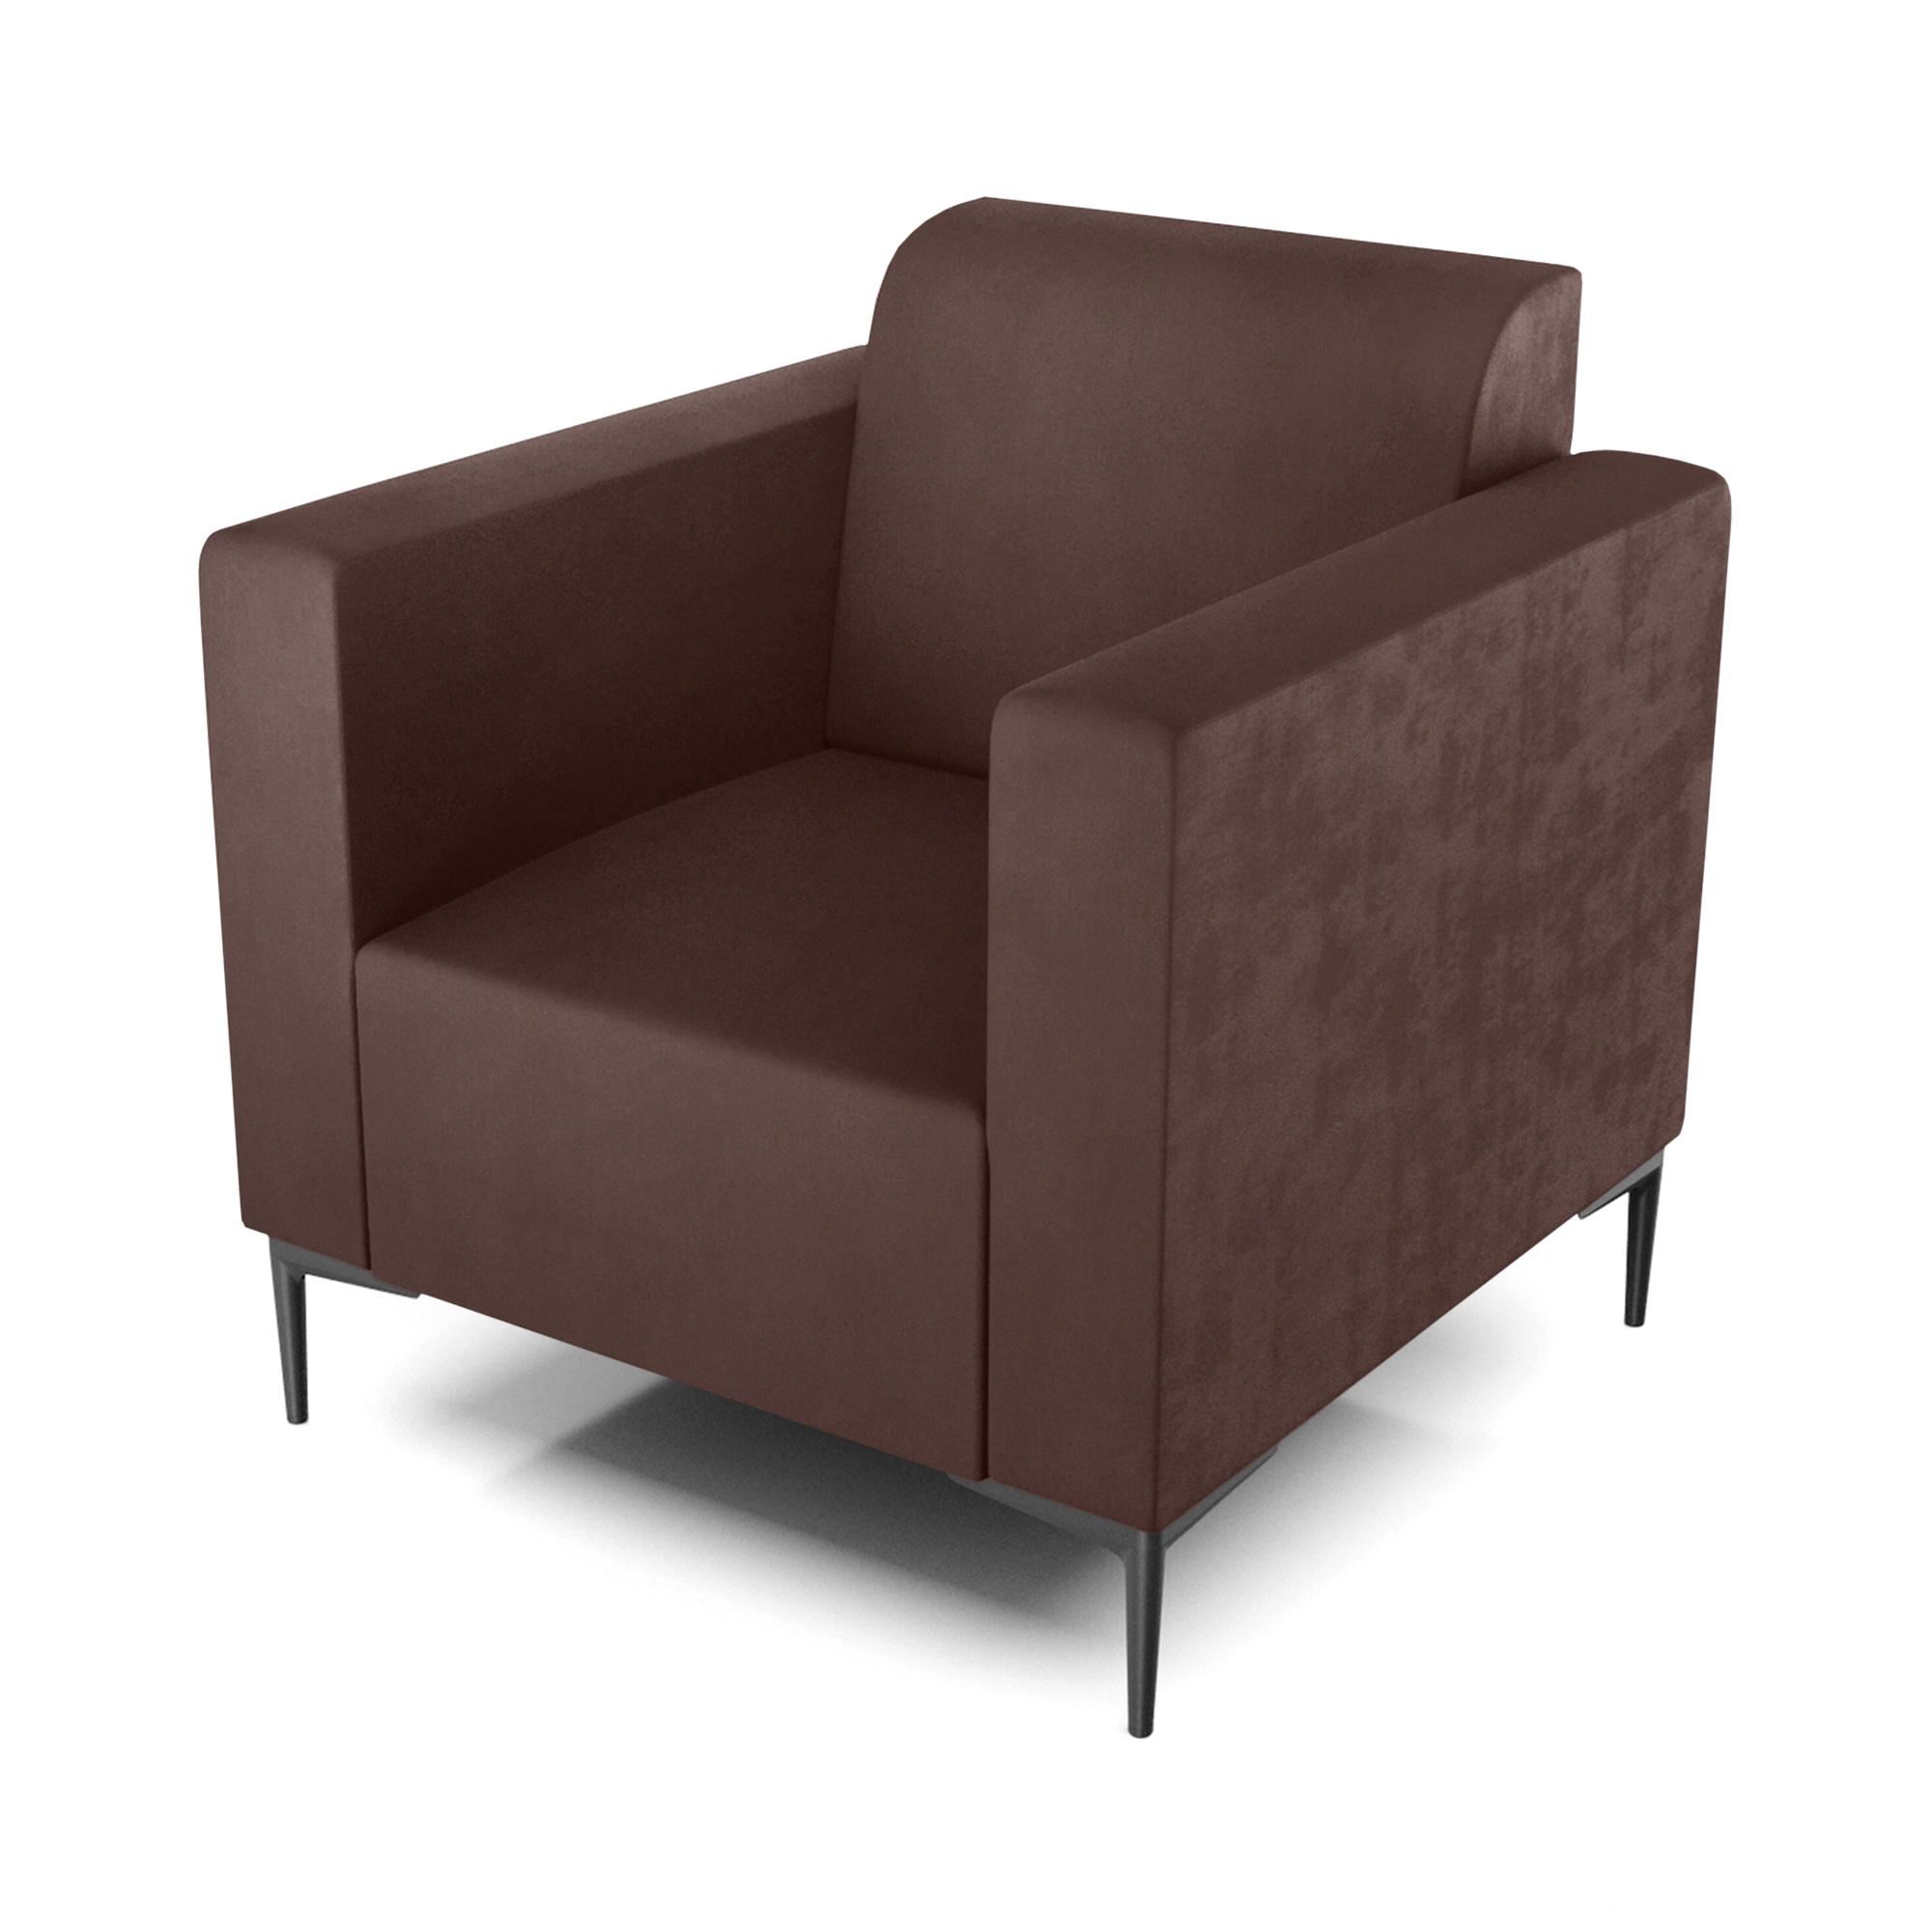 Кресло AS Тиффани 79x78x73 см коричневый кресло as тиффани 79x78x73 см коричневый